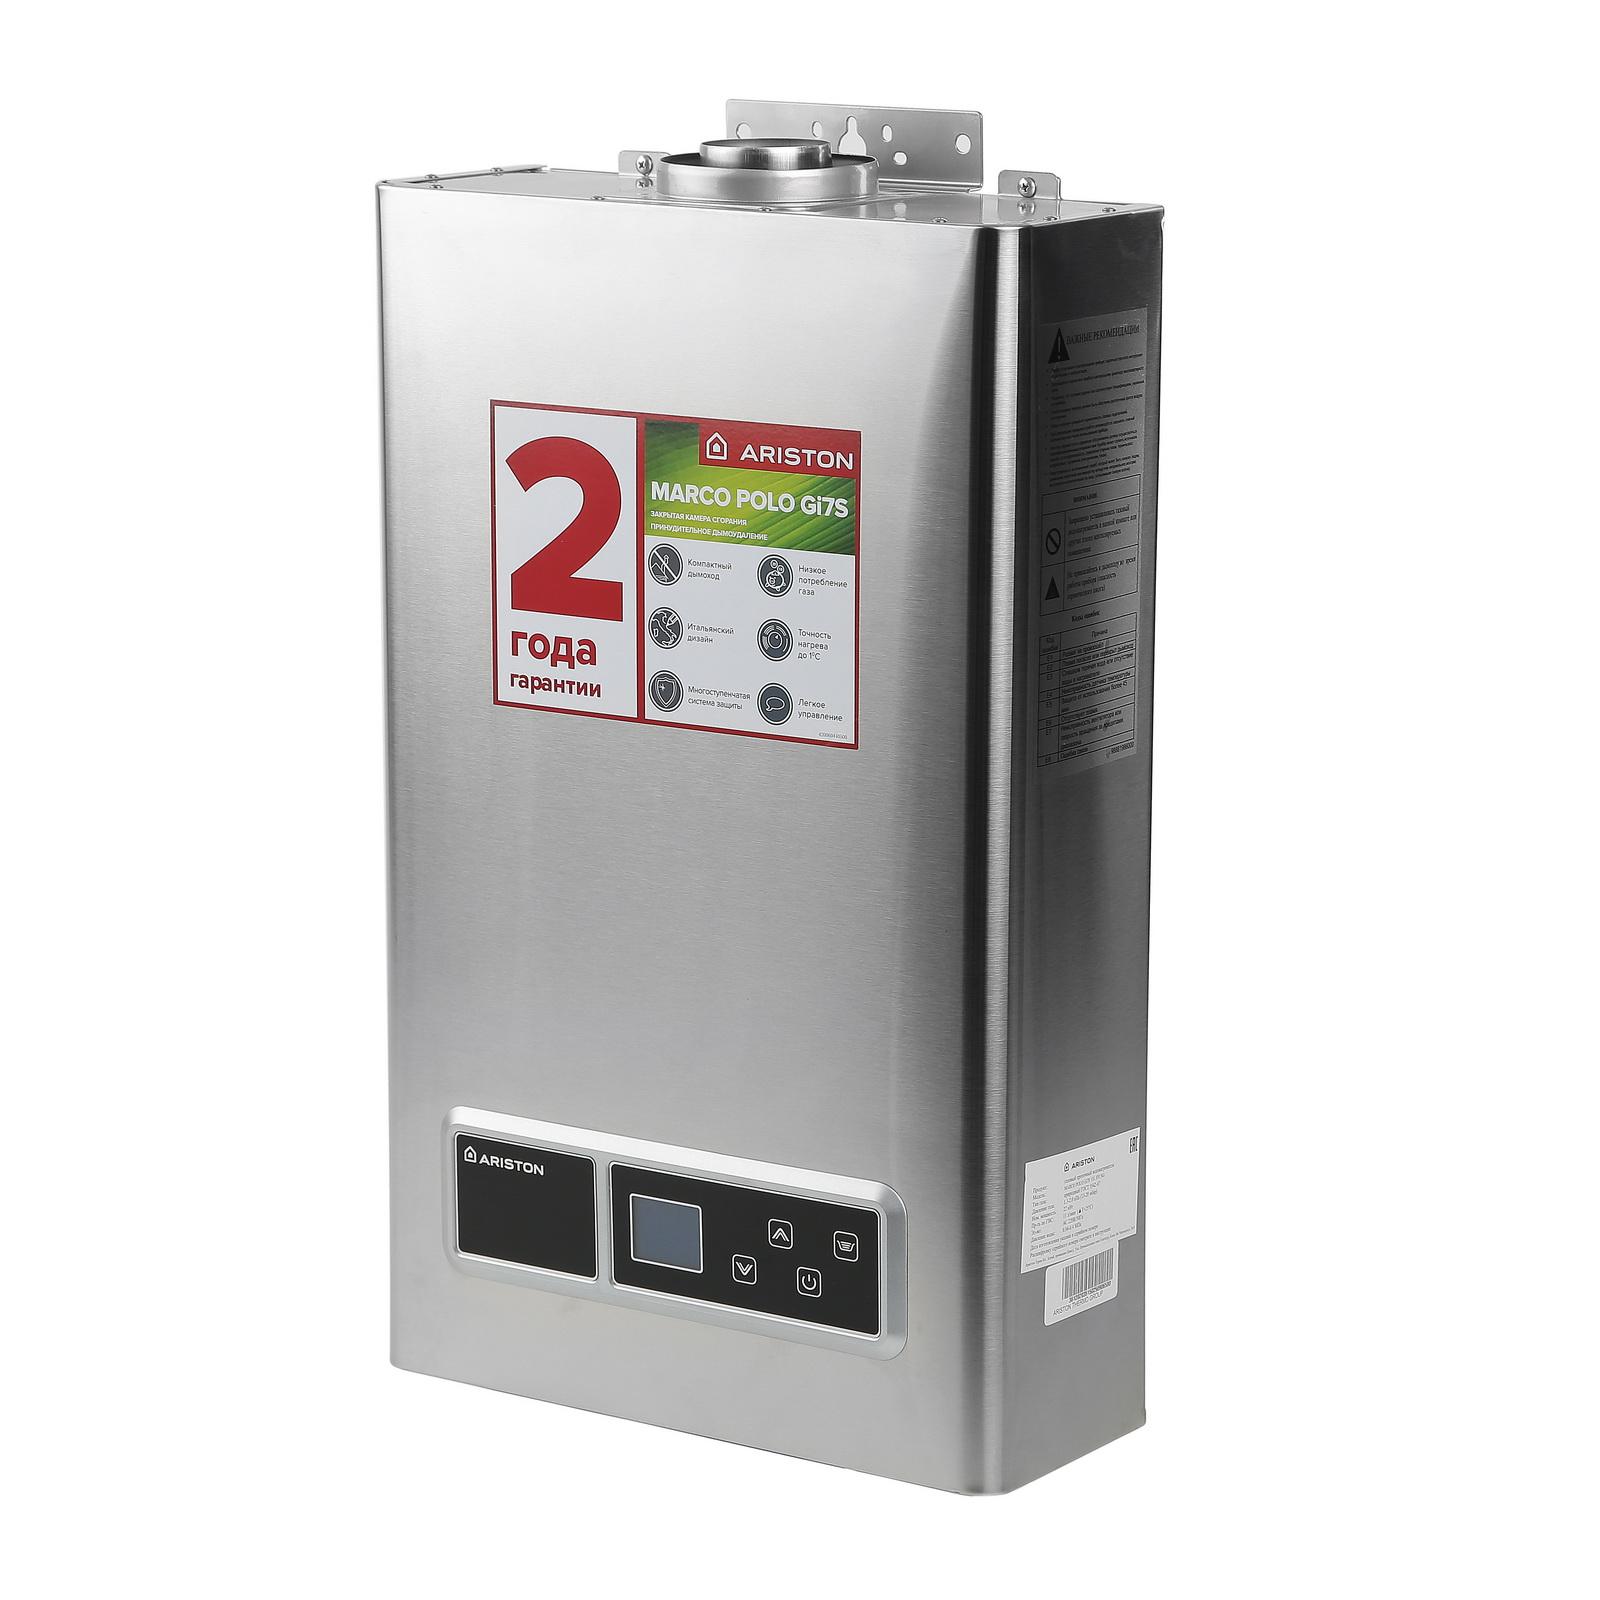 Газовый проточный водонагреватель AristonВодонагреватели проточные<br>Тип: газовый, Тип водонагревателя: Закрытый, Мощность: 22000, Макс. температура нагрева воды: 75, Производительность по нагреву: 11, Сжиженное топливо: есть, Тип установки: настенный, Мин. давление воды: 0.6, Макс. давление воды: 8, Дисплей: нет, Пульт ДУ: нет, Фильтр для воды: нет, Электронное управление: нет, Самодиагностика: нет<br>